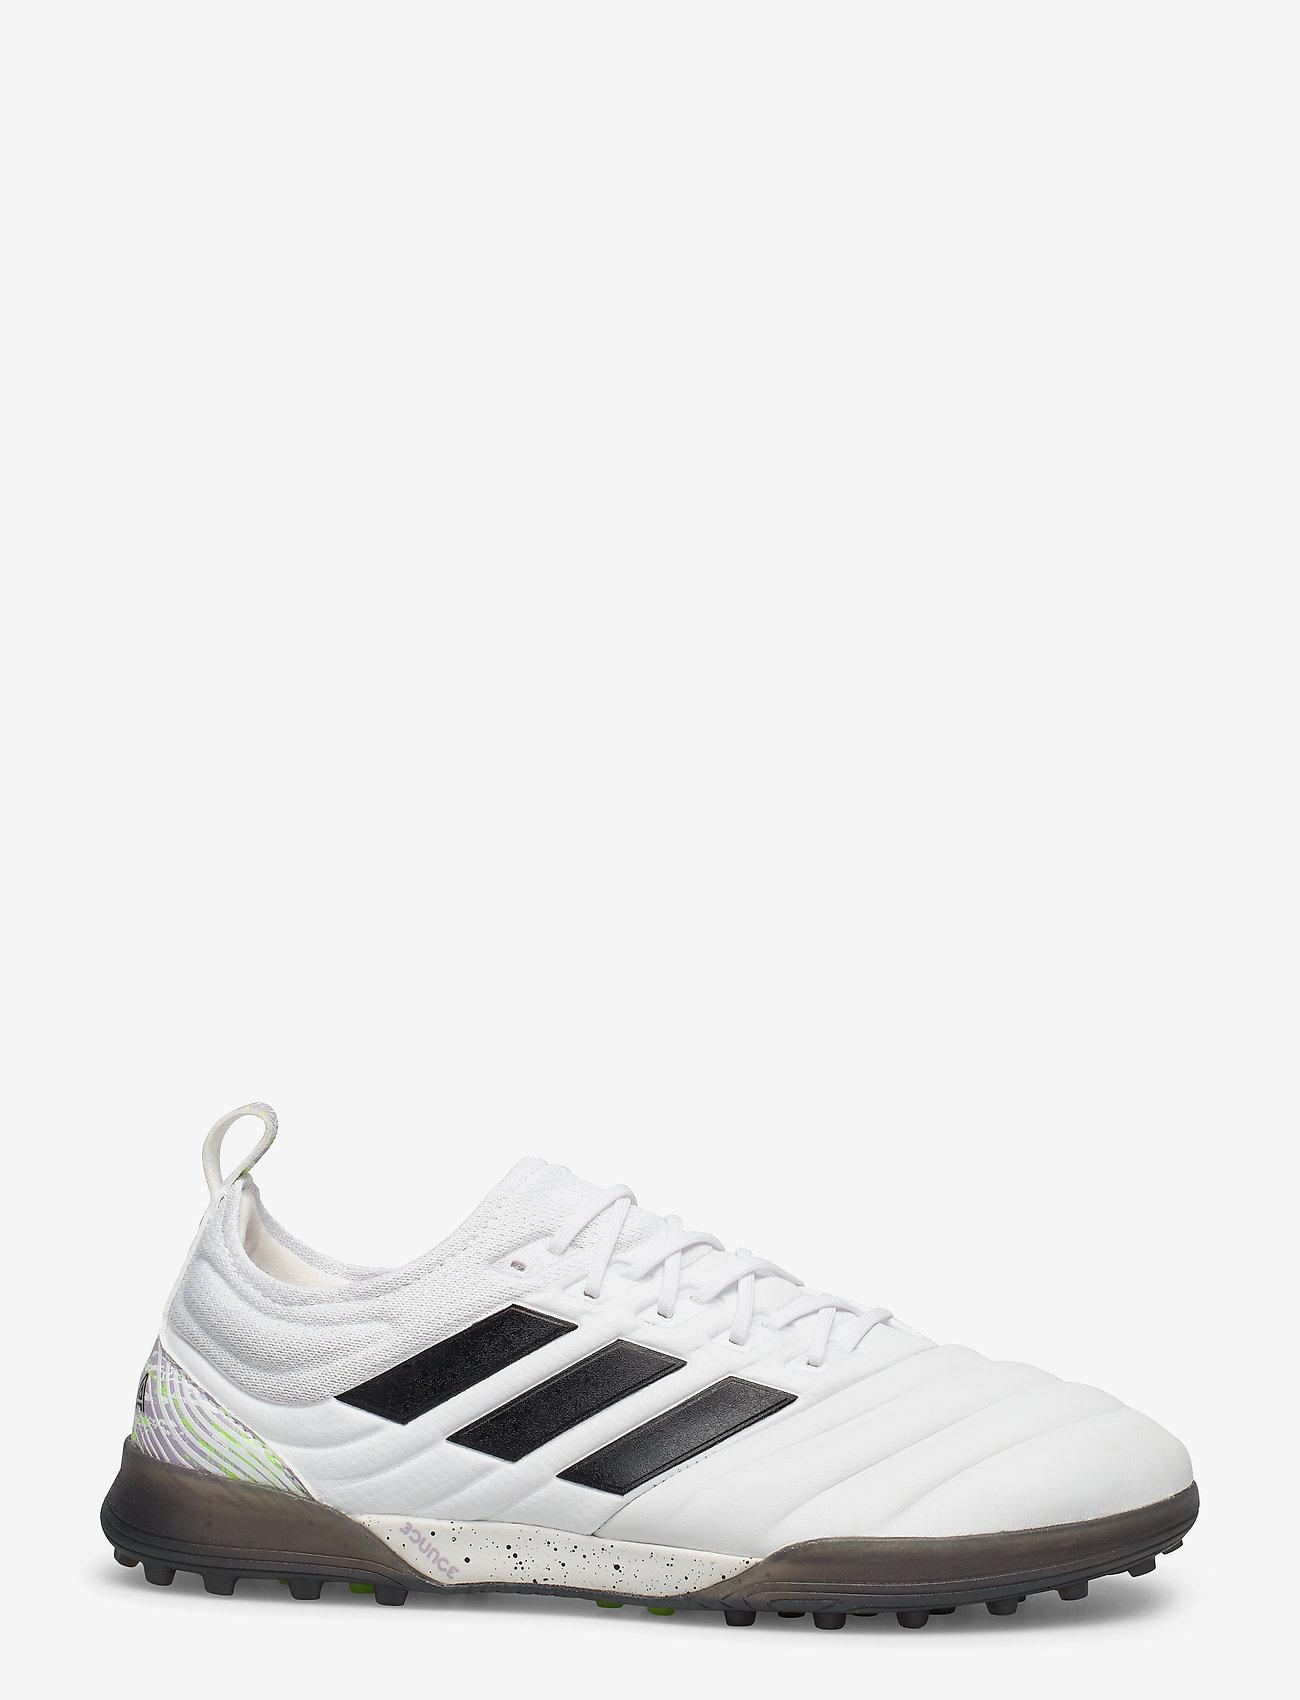 adidas Performance - COPA 20.1 TF - fodboldsko - ftwwht/cblack/siggnr - 1